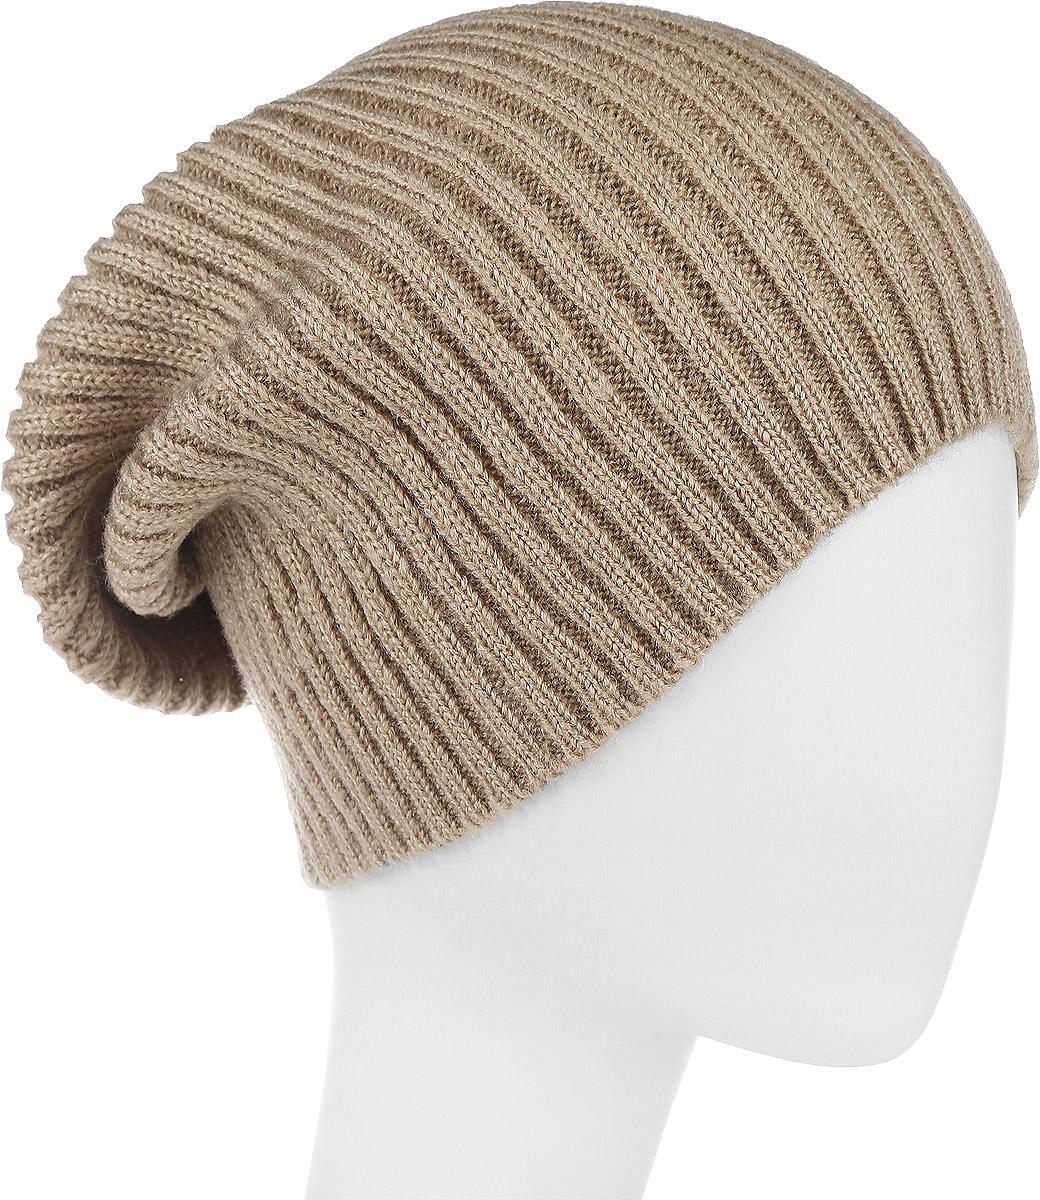 Шапка женская. HAk-141/311-6302HAk-141/311-6302Стильная шапка Sela идеально подойдет для прогулок в прохладное время года. Шапка мелкой вязки изготовлена из мягкой высококачественной пряжи, она обладает хорошими дышащими свойствами и отлично удерживает тепло. Такая шапка станет модным и стильным дополнением вашего зимнего гардероба. Она поднимет вам настроение даже в самые морозные дни! Уважаемые клиенты! Размер, доступный для заказа, является обхватом головы.